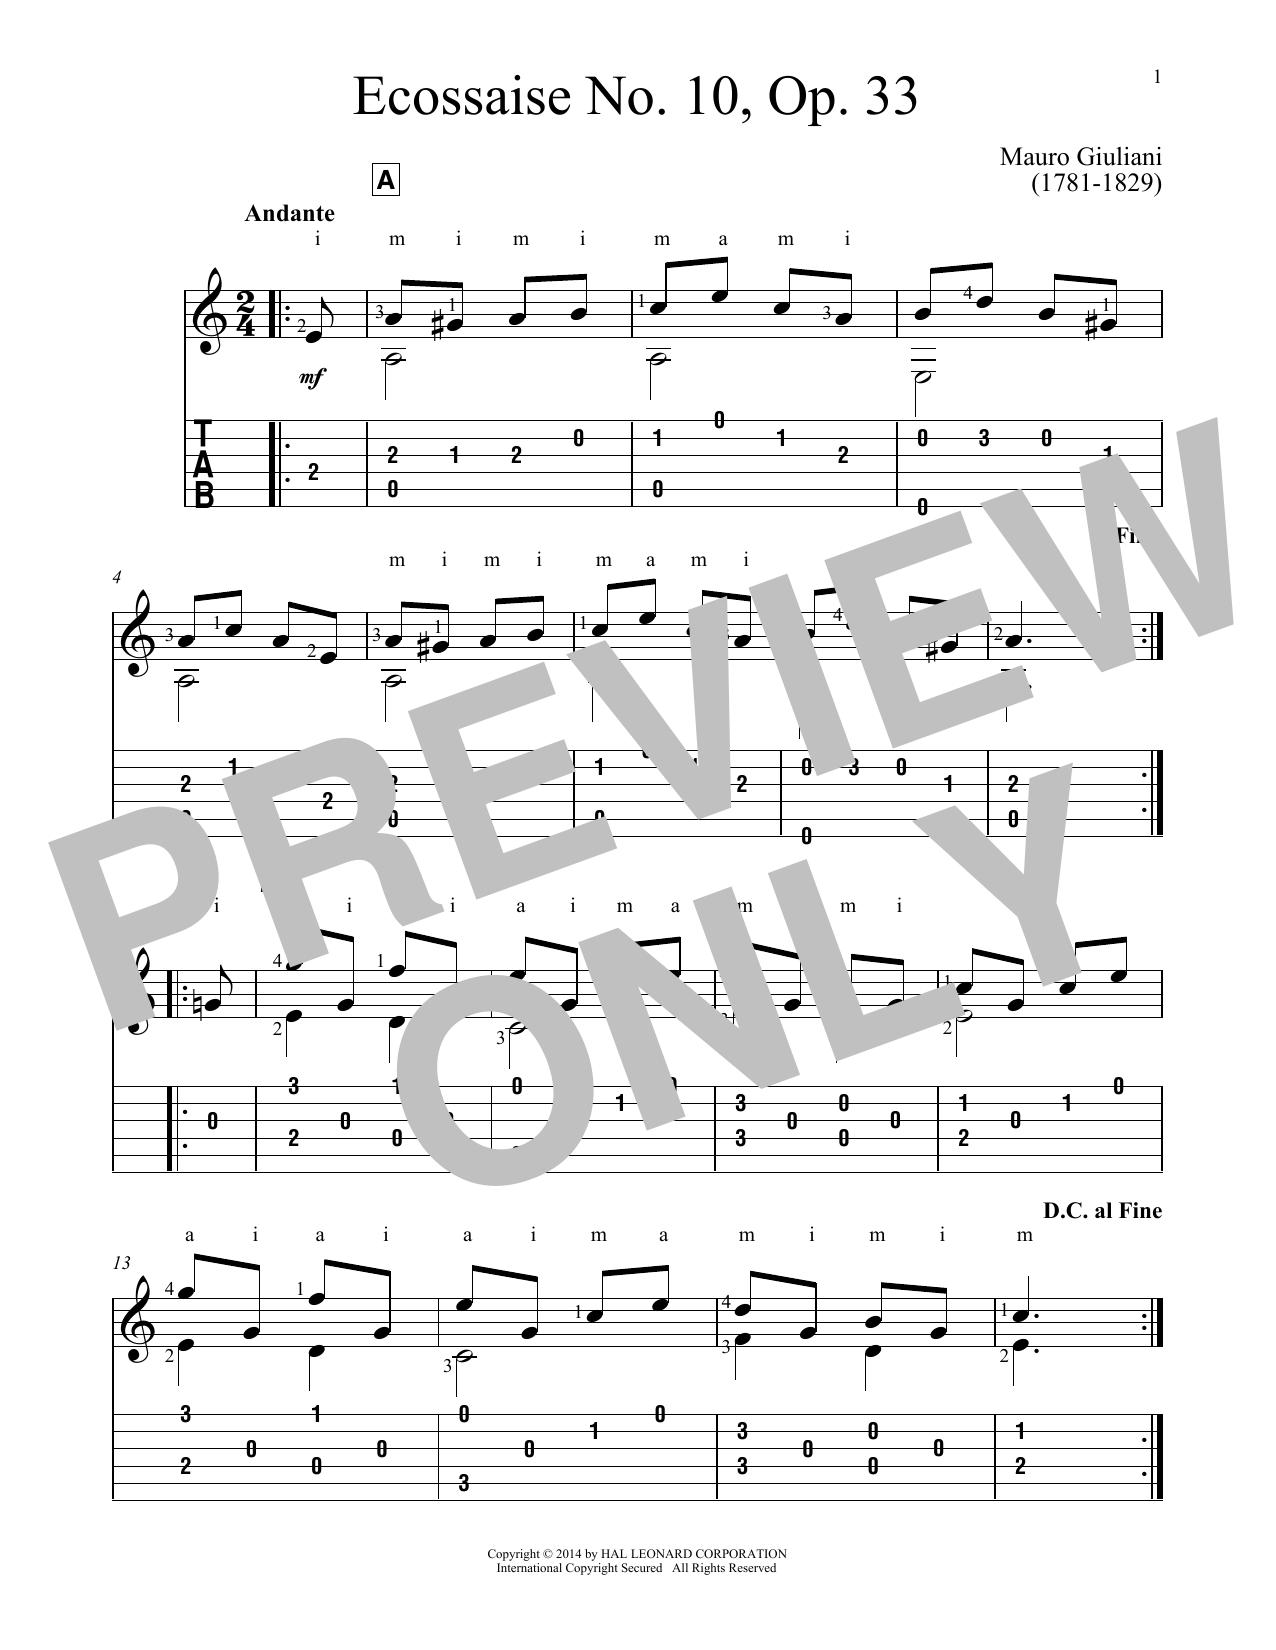 Ecossaise No. 10, Op. 33